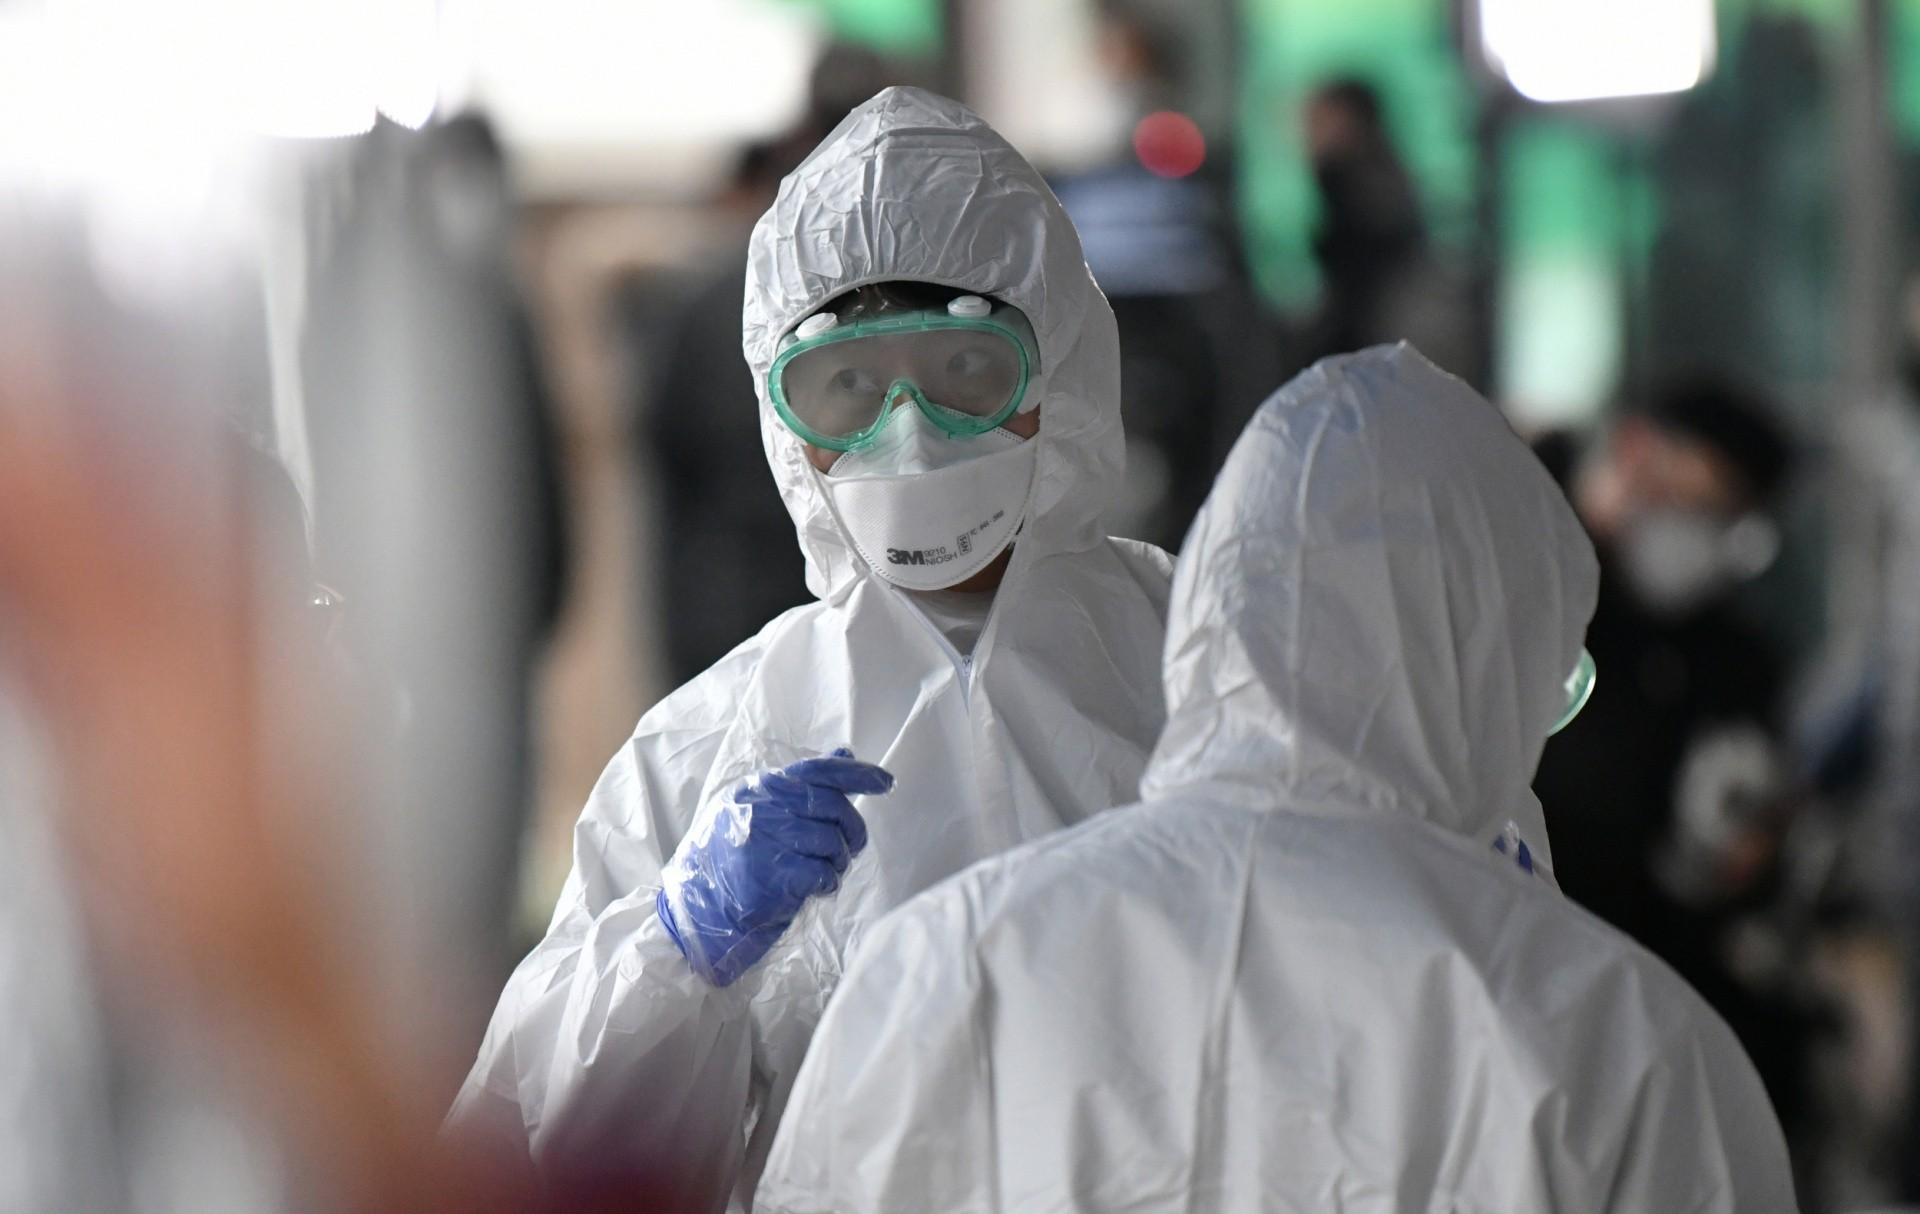 Koronavirus: ÜST dünyanı qorxu altında saxlayır – SƏBƏB